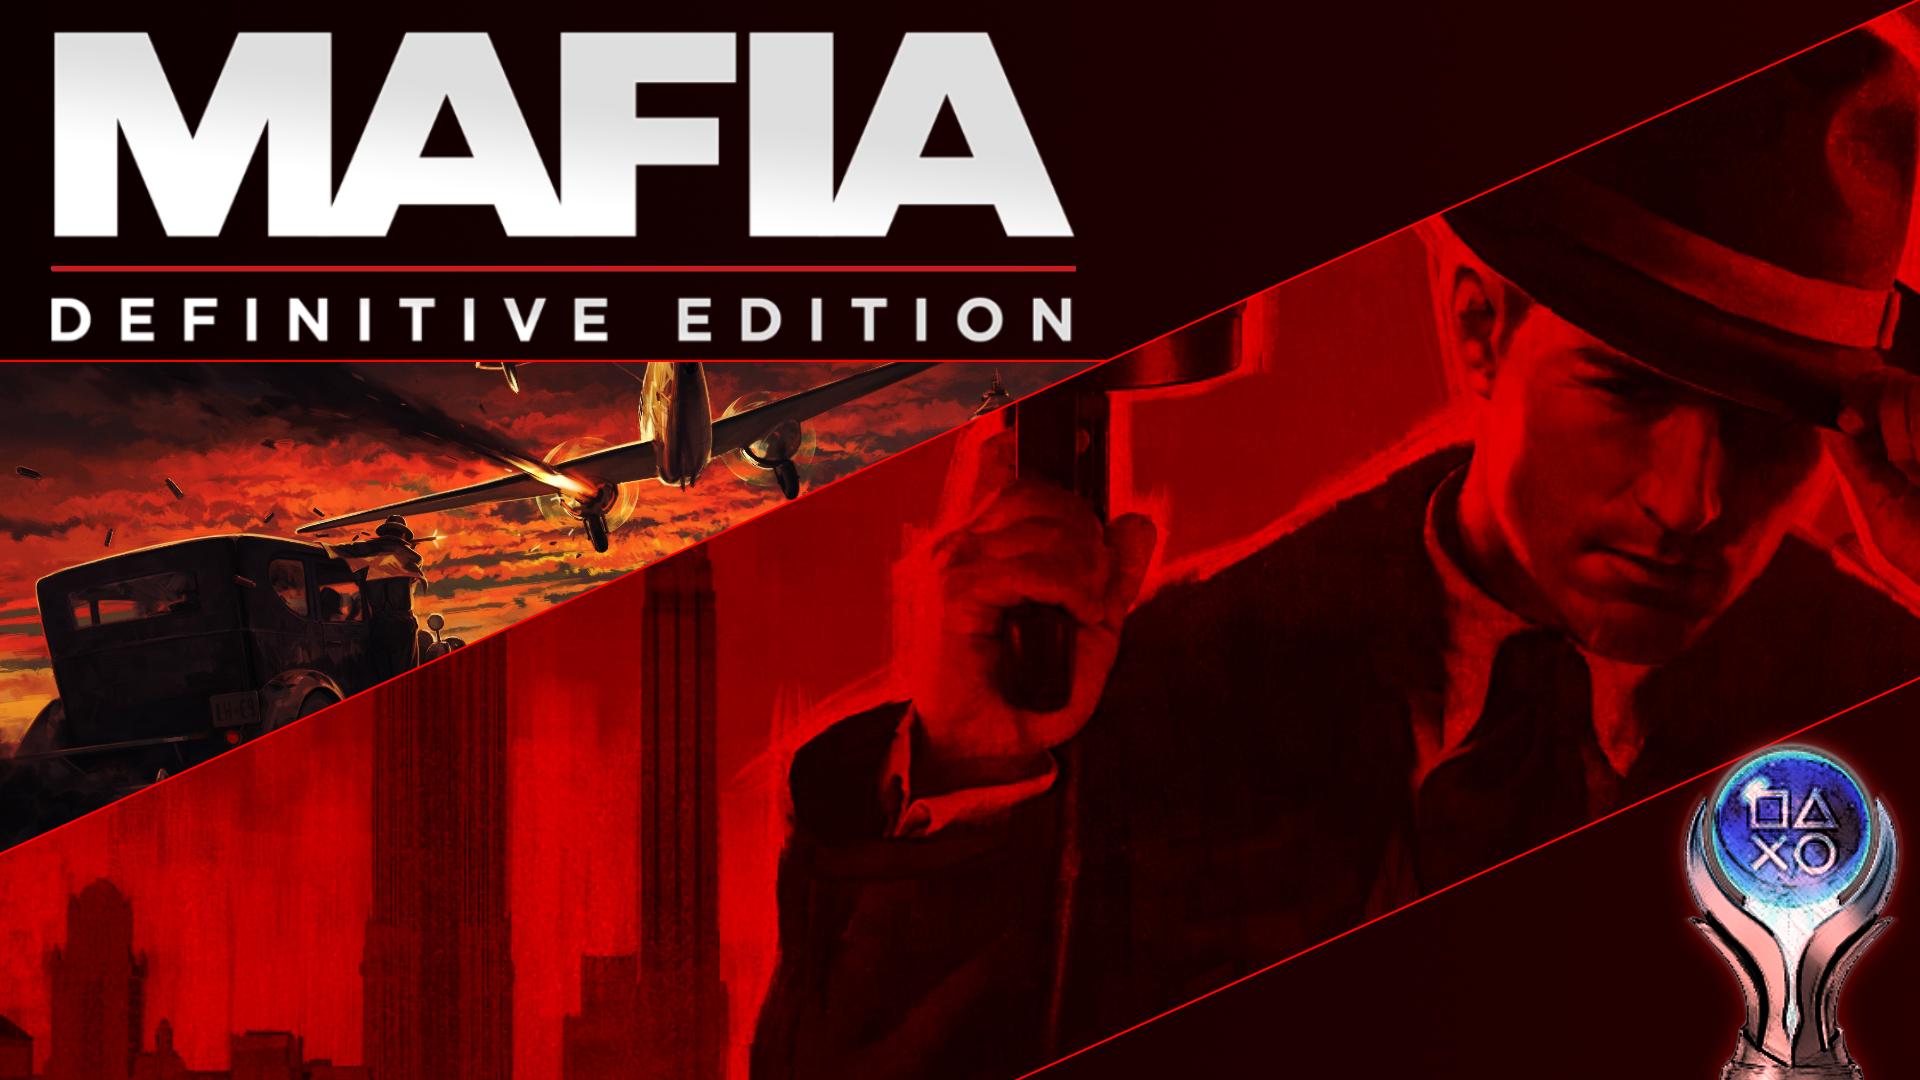 mafia-clean.jpg